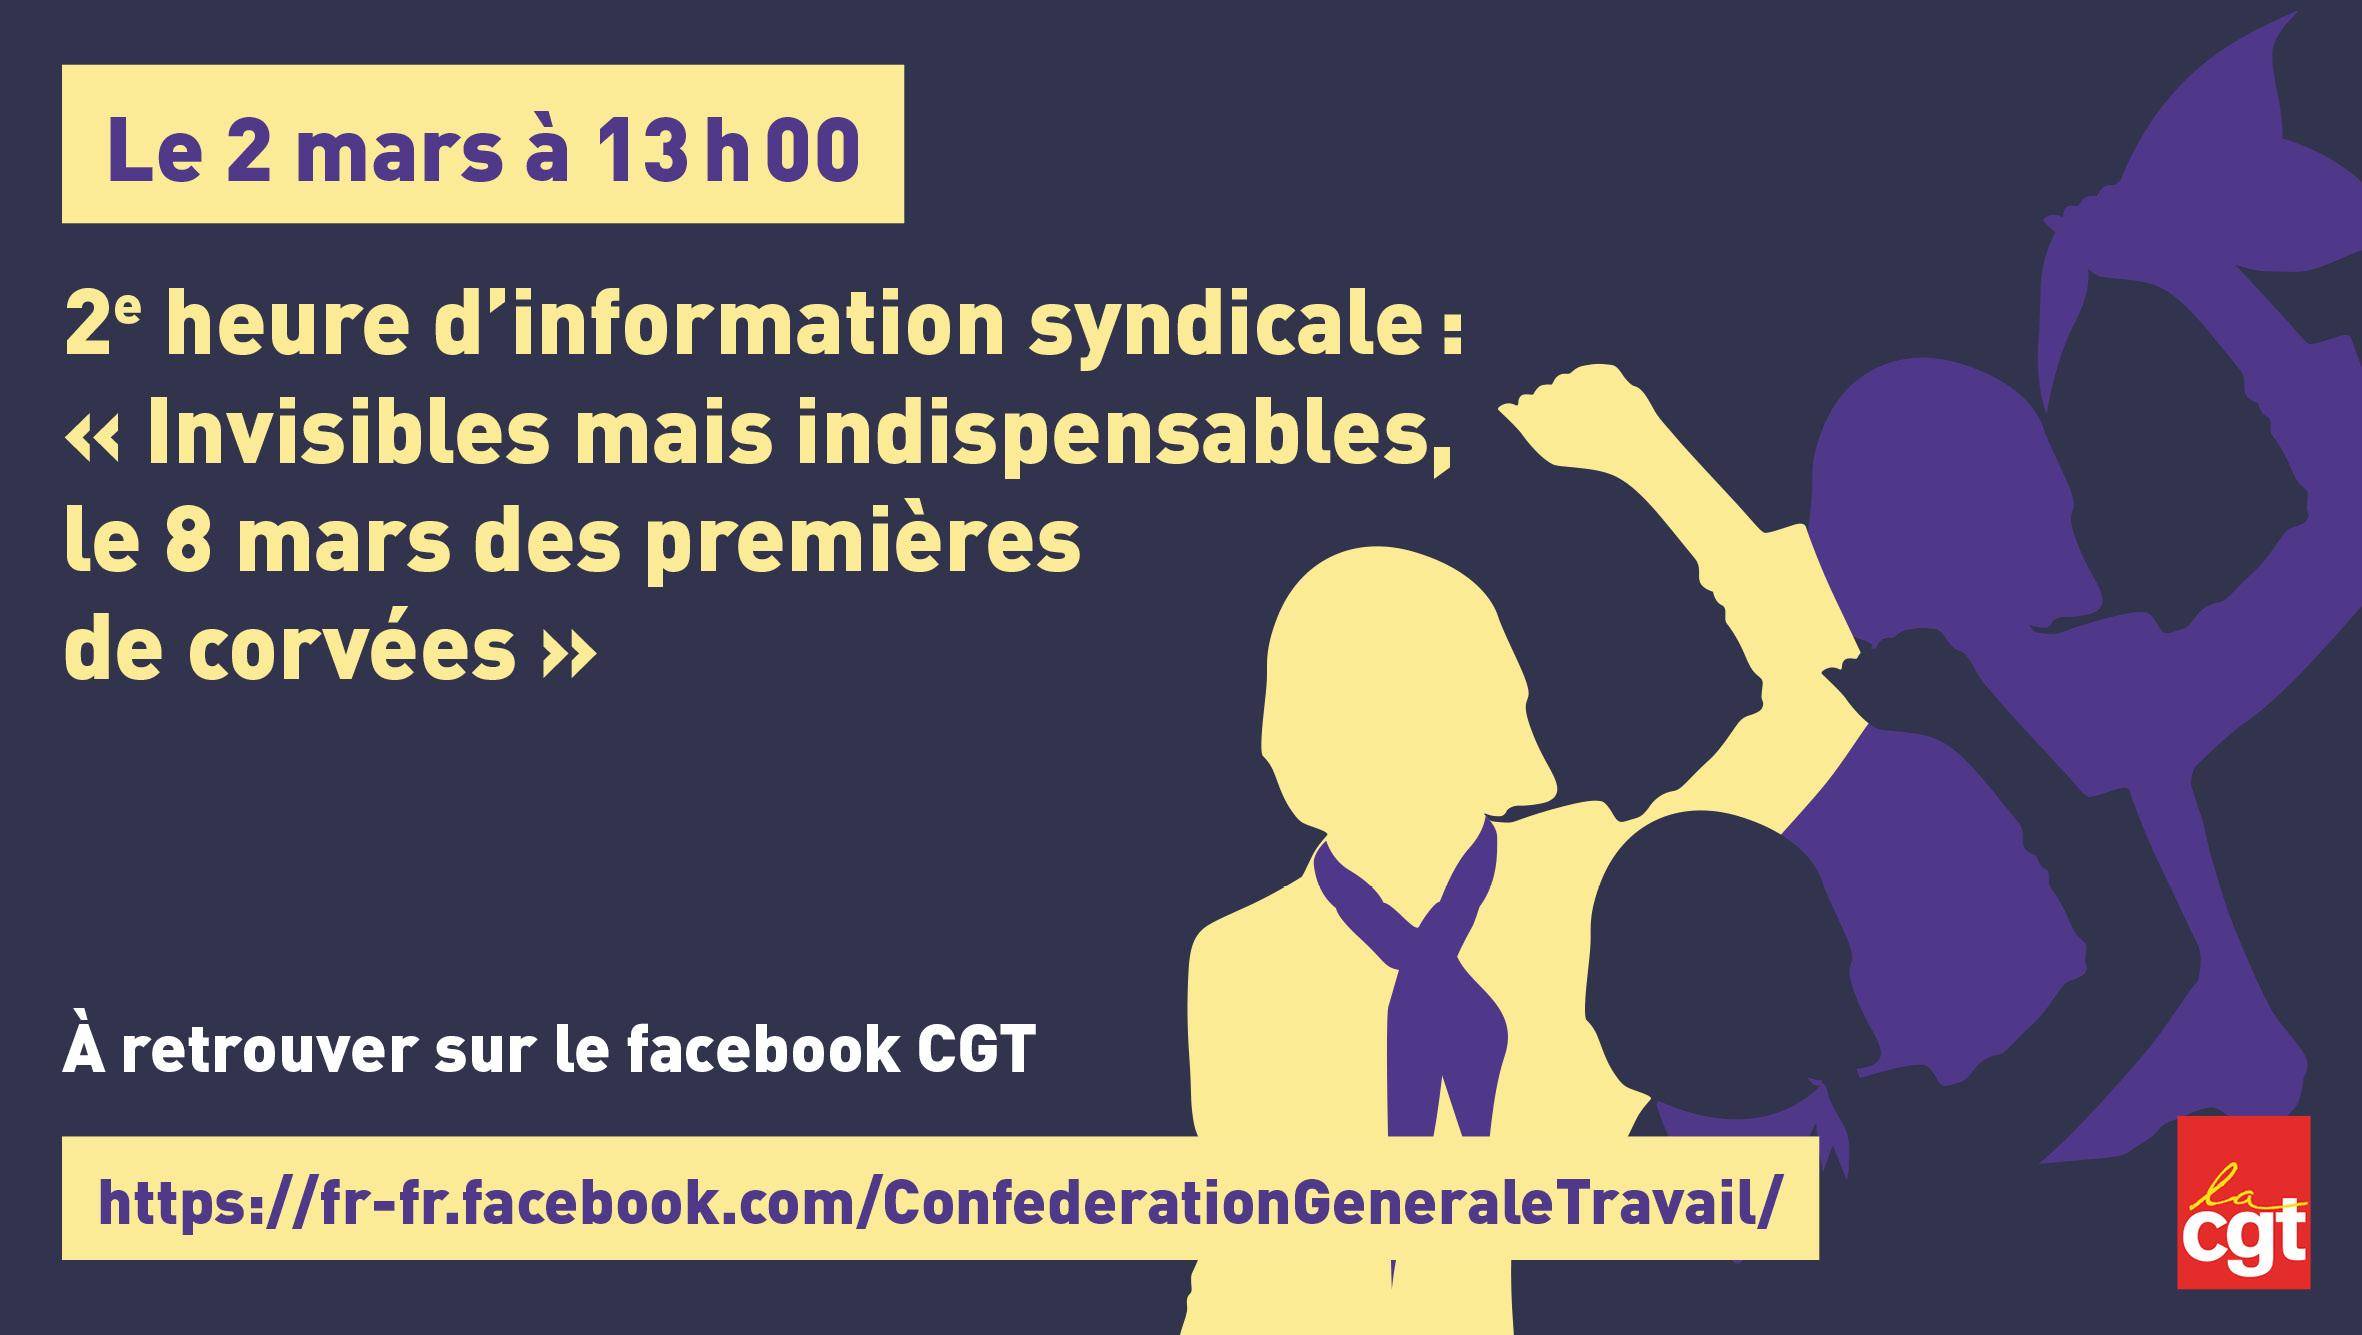 Heures d'information syndicale : « Invisibles mais indispensables, le 8 mars des premières de corvées »